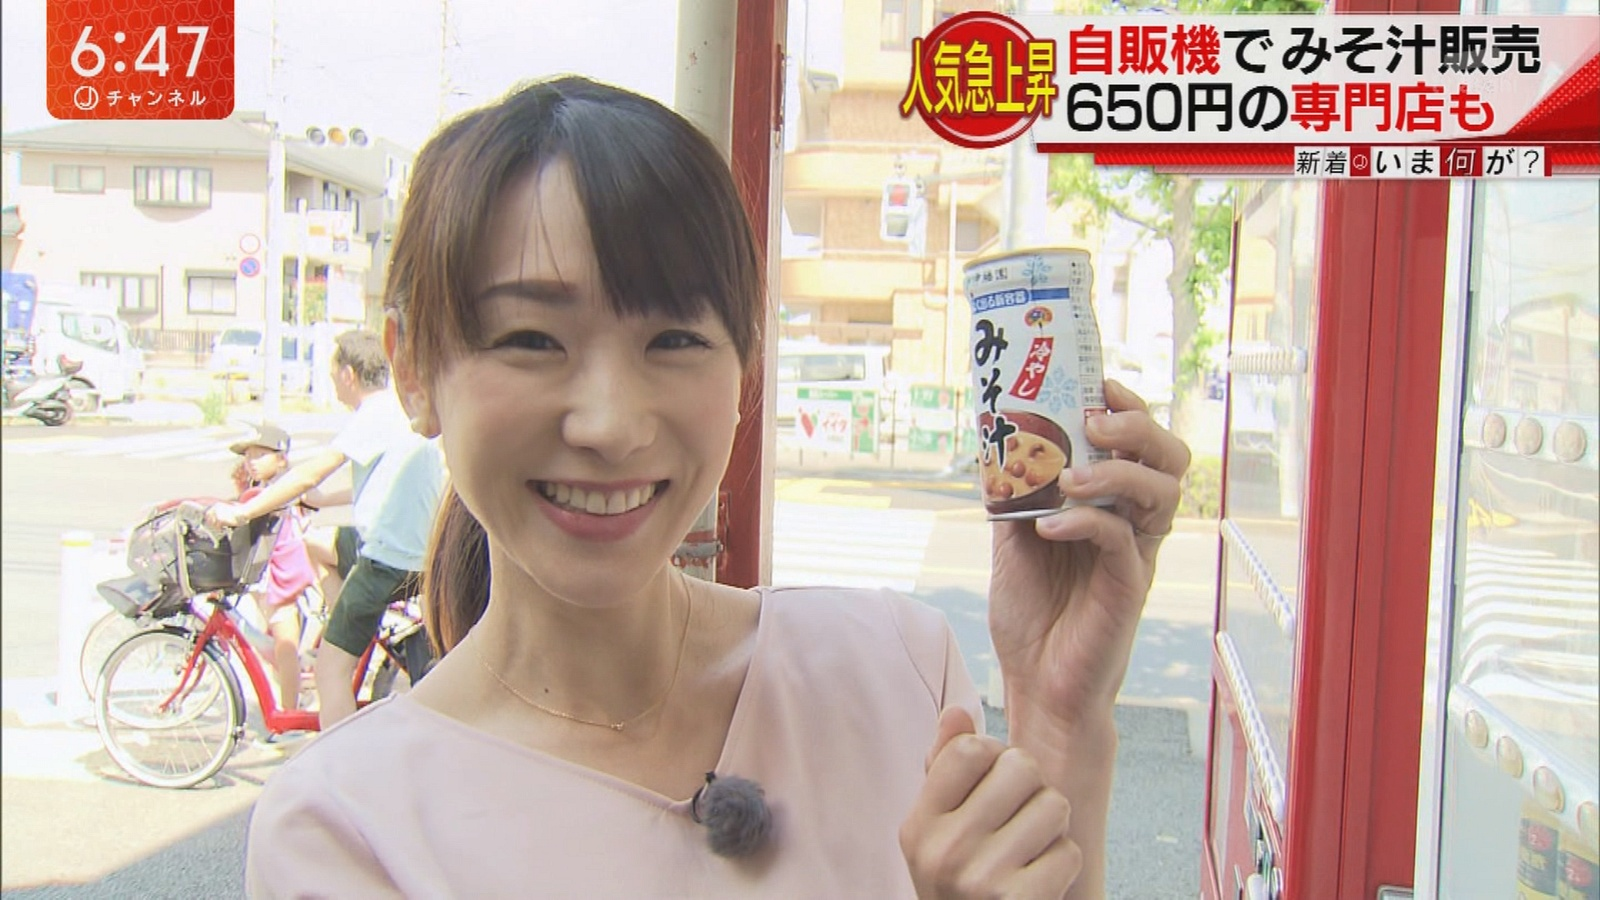 竹内由恵 久富慶子 堂真理子 お尻のような胸強調 スーパーJ ...